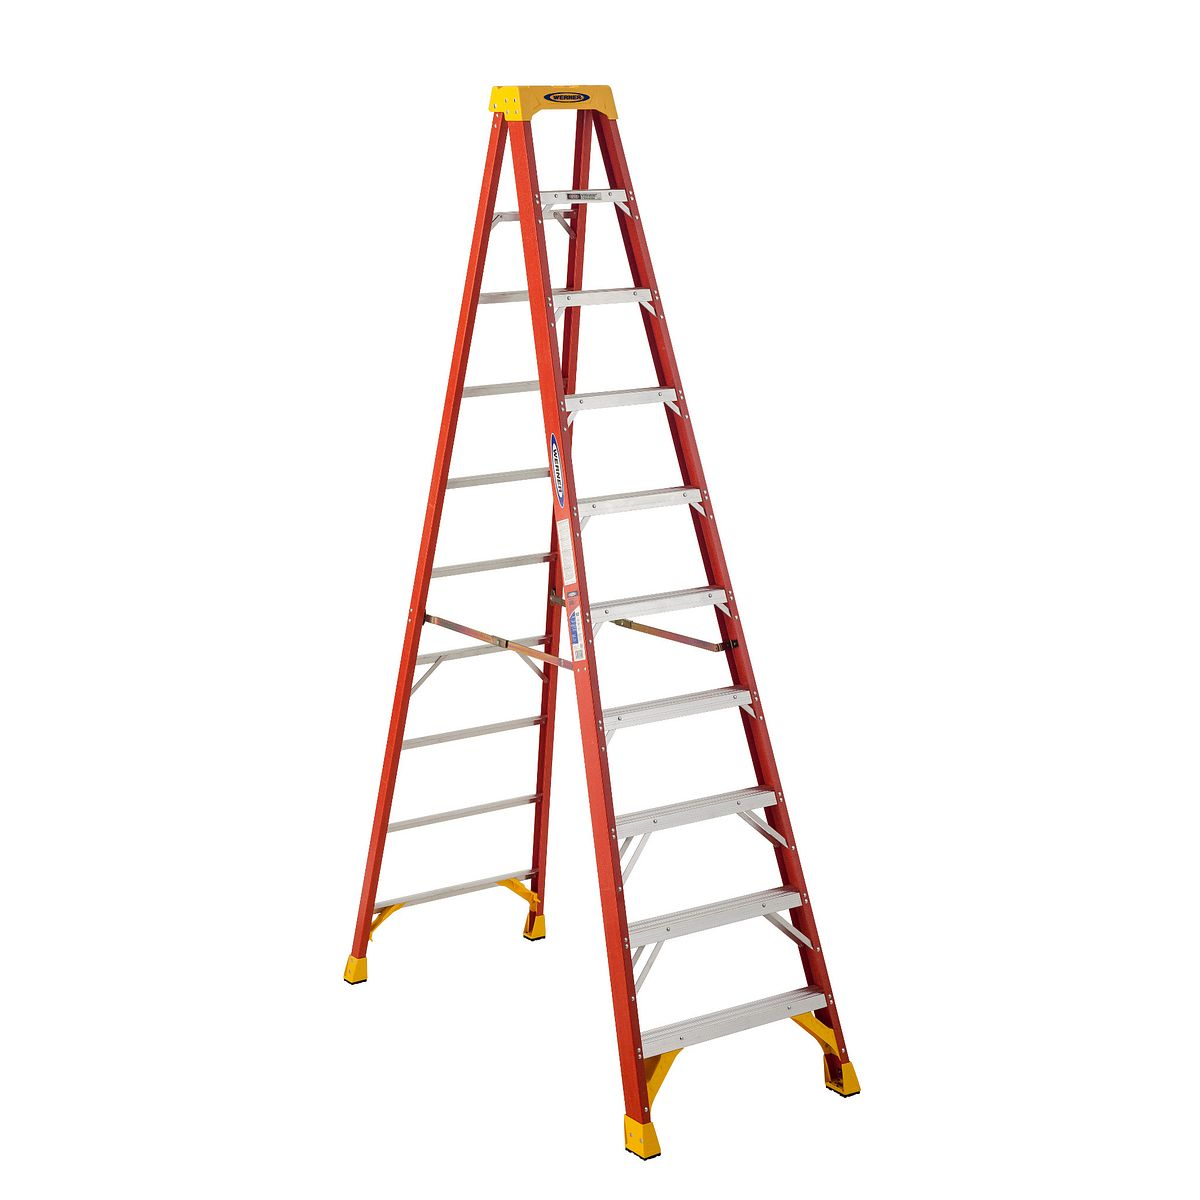 Image result for 10' werner fiberglass step ladder 6210